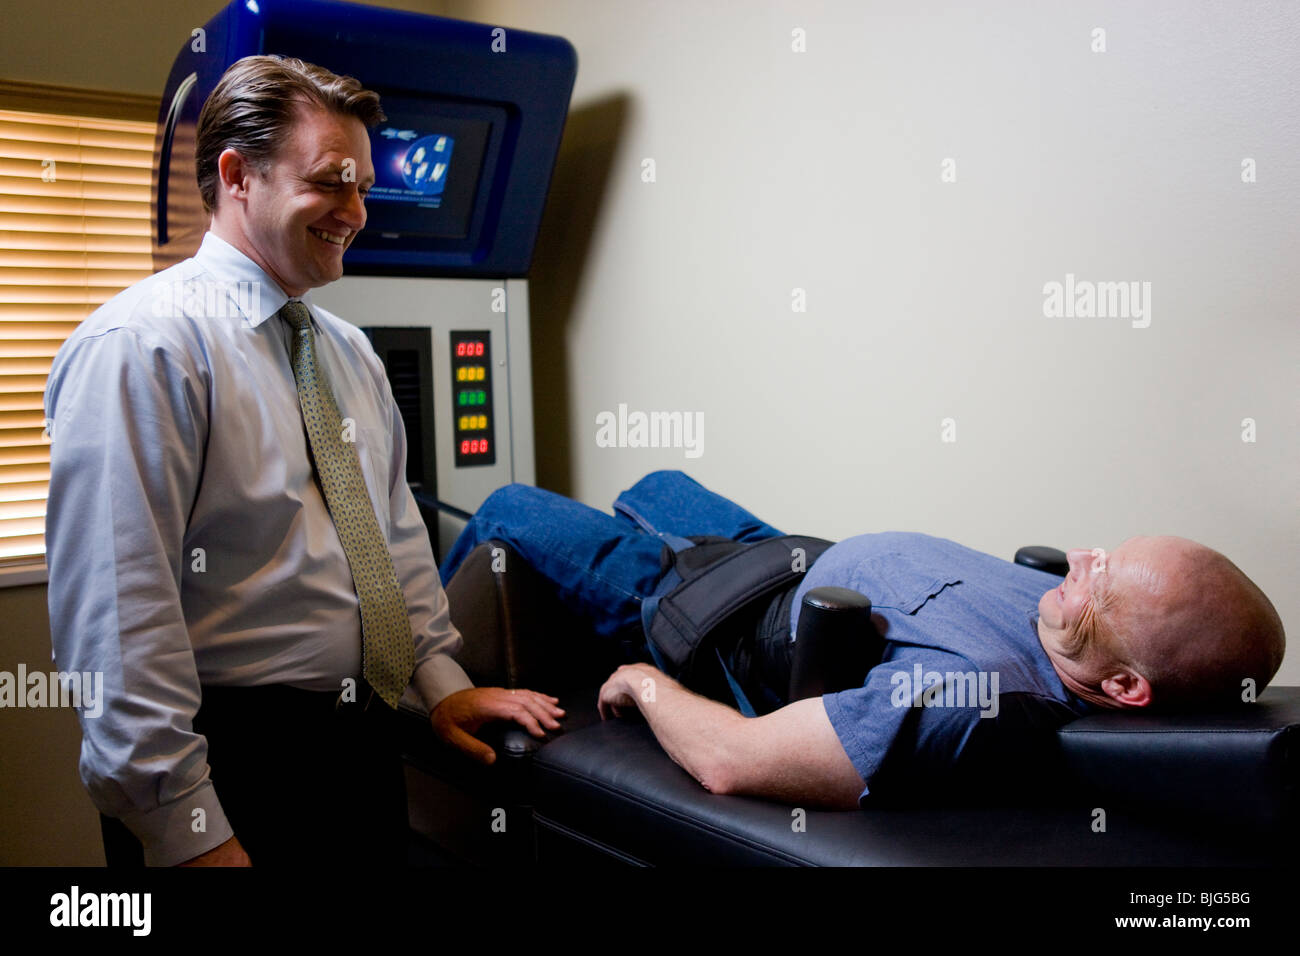 Uomo di ottenere il trattamento su una macchina chiropratica Immagini Stock